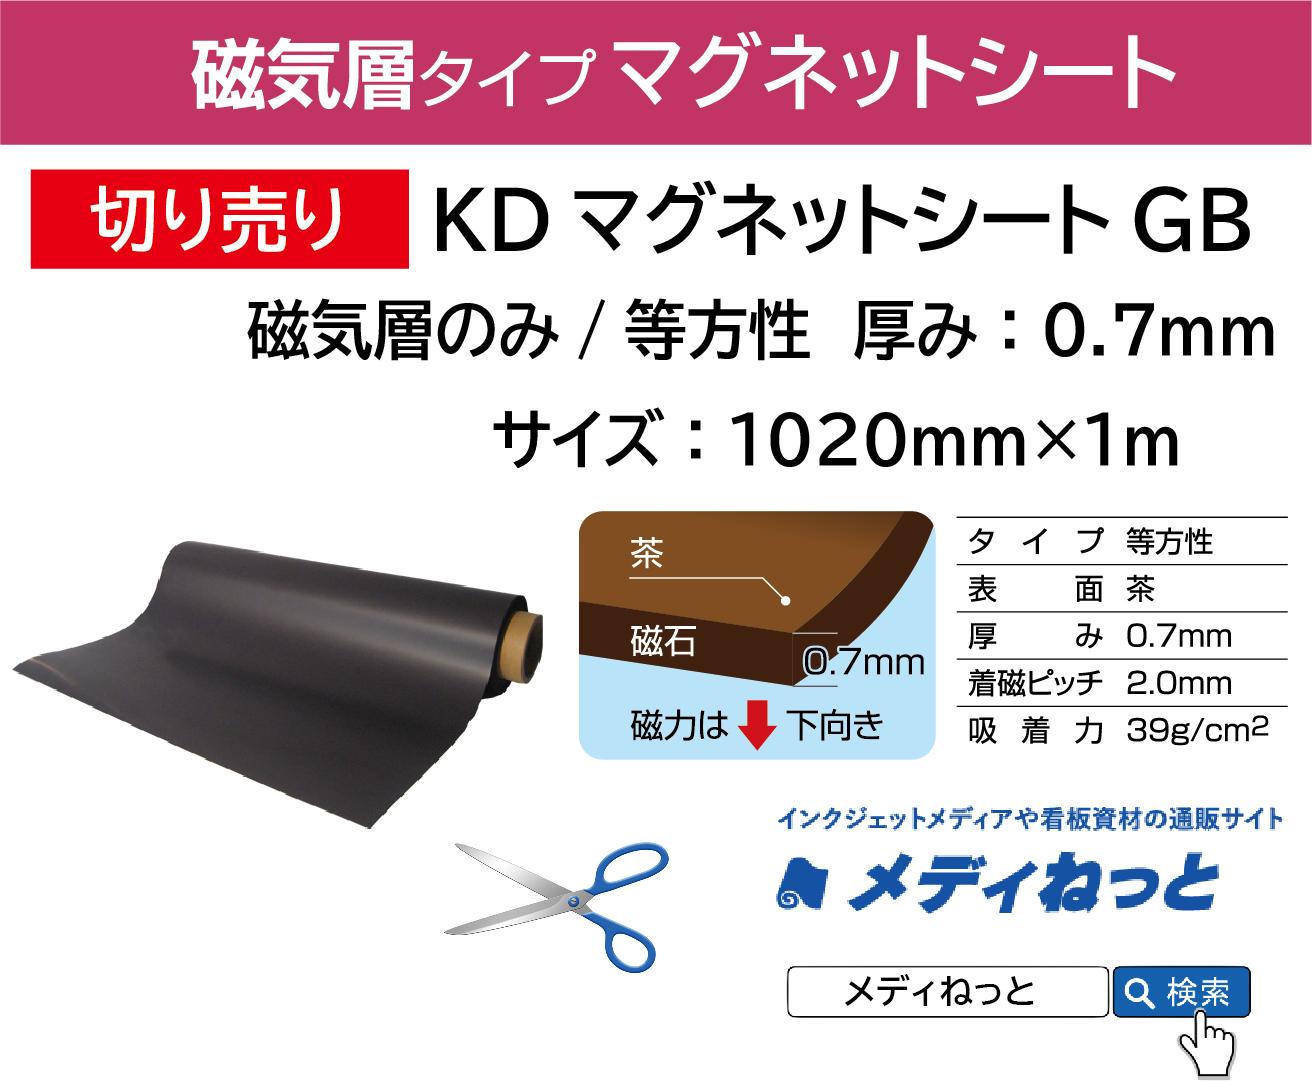 【切り売り】KDマグネットシートGB(磁気層のみ/等方性) 厚み:0.7mm/サイズ:1020mm×1M